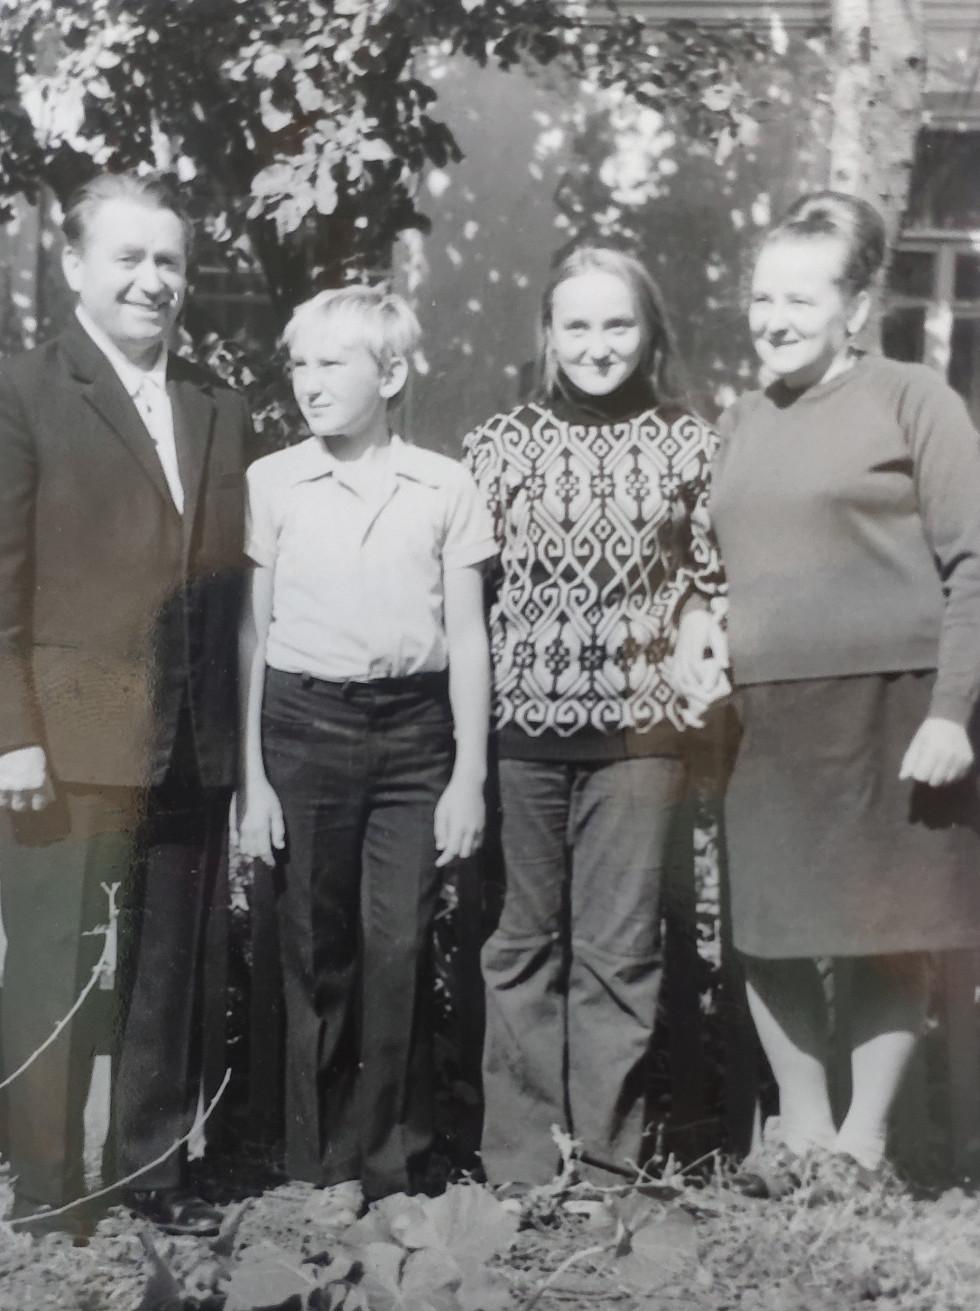 Сім'я Гончаруків біля власного будинку на Харківщині 1978 рік